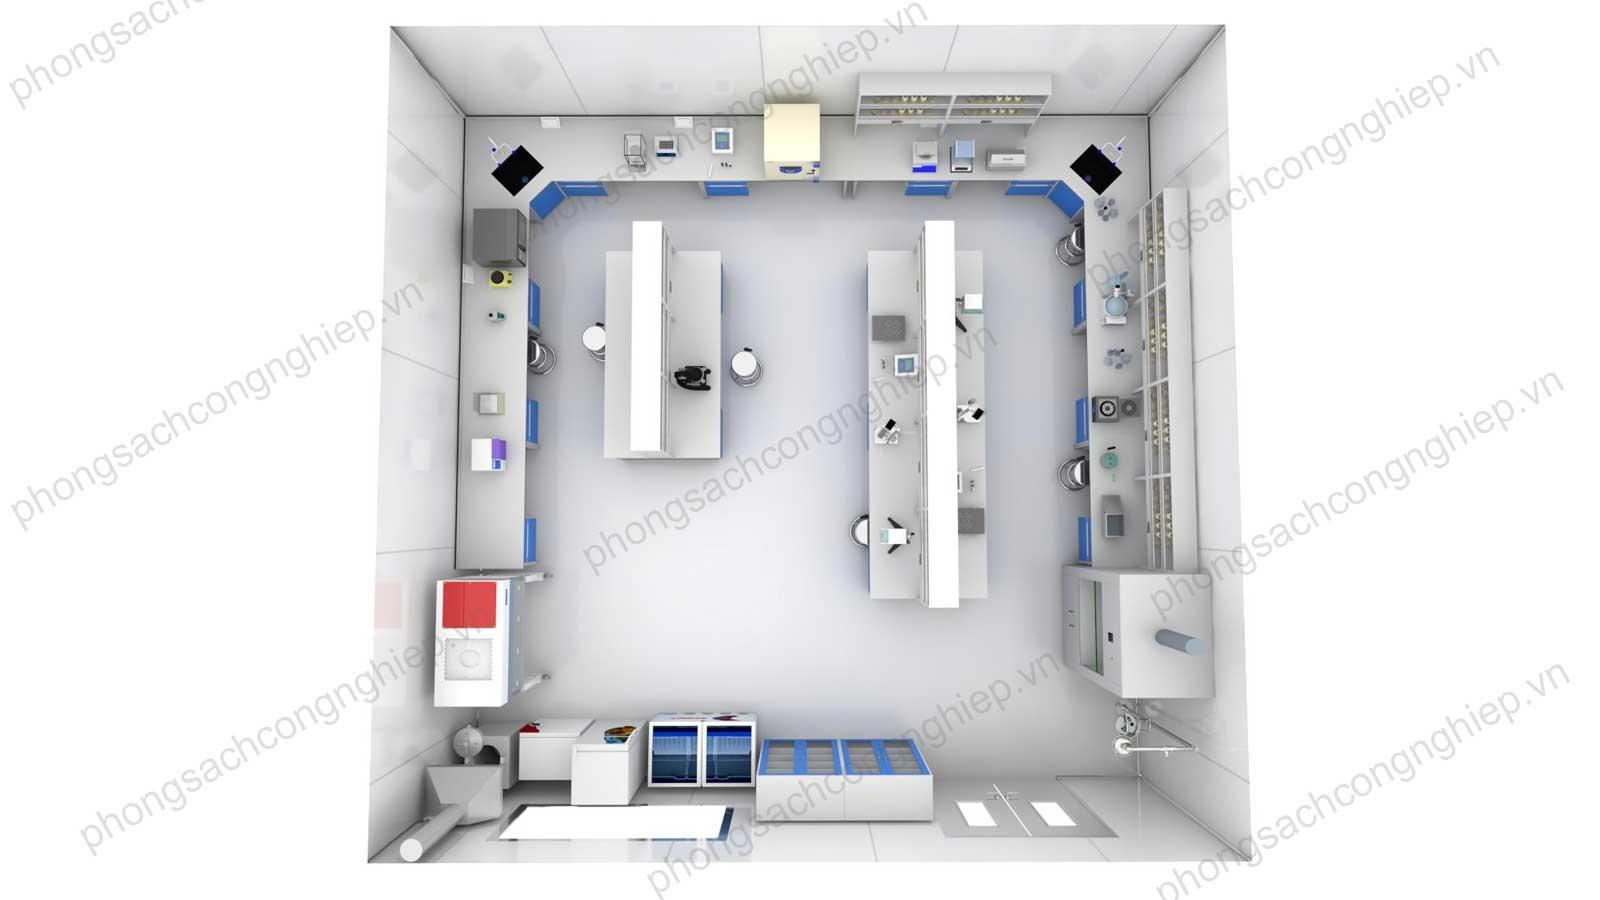 sơ đồ cắt ngang phòng lắp đặt bàn thí nghiệm trung tâm